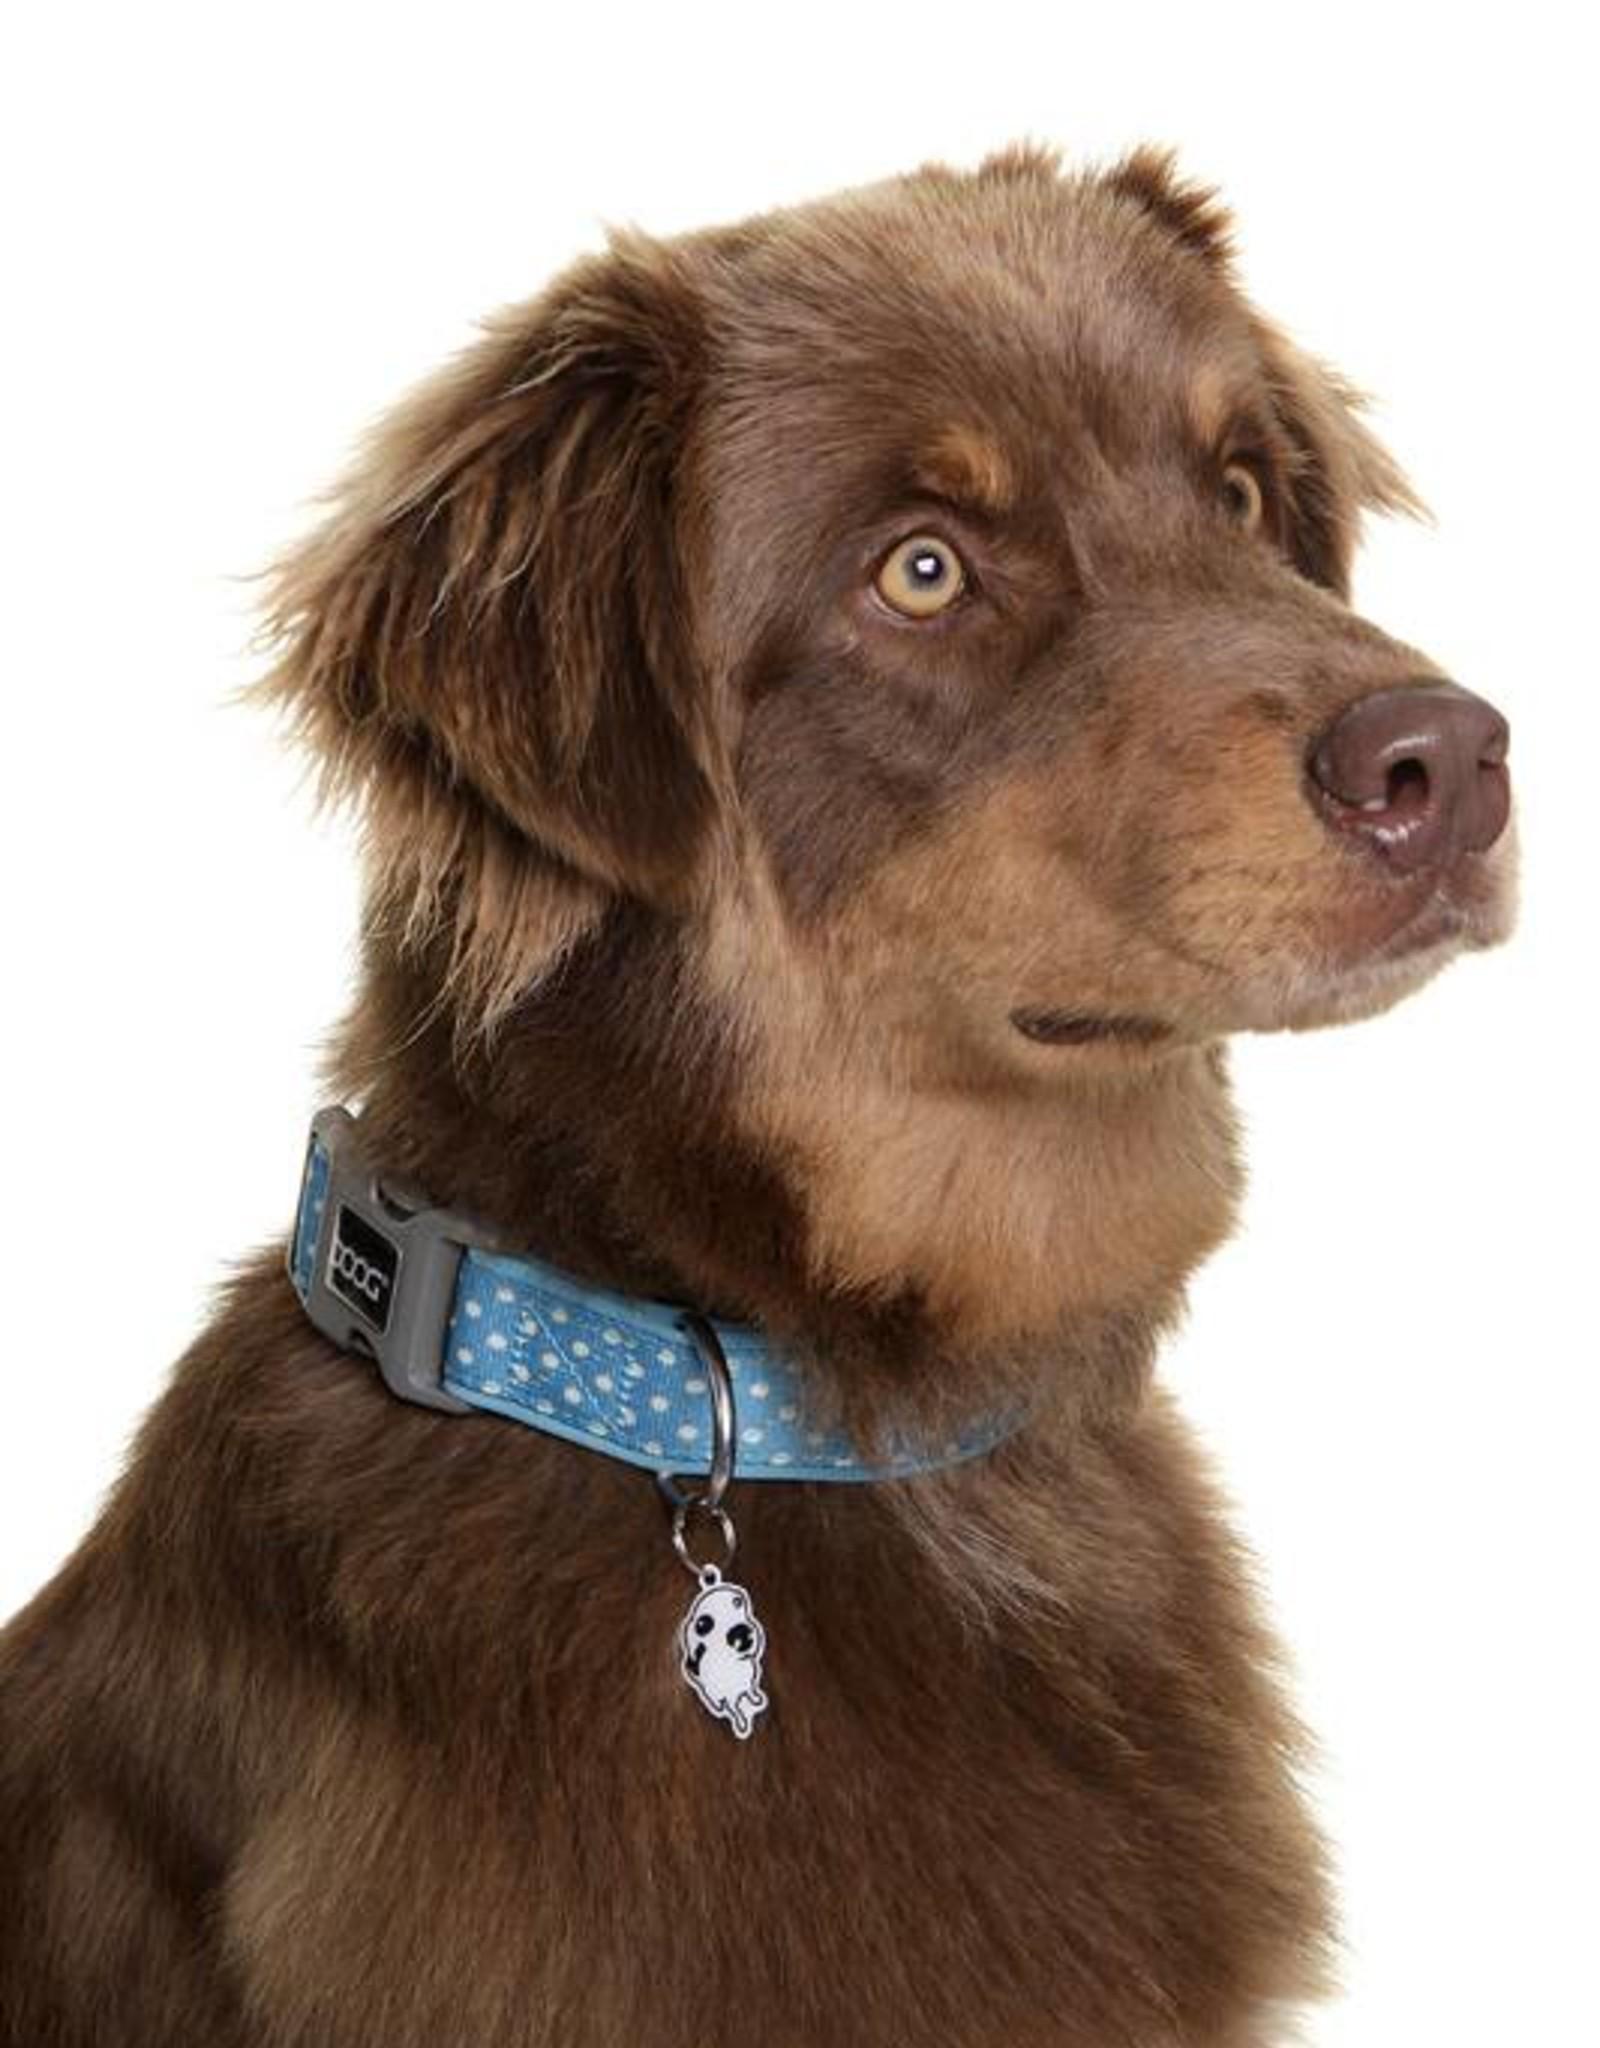 DOOG Doog | Dog Collar - Snoopy